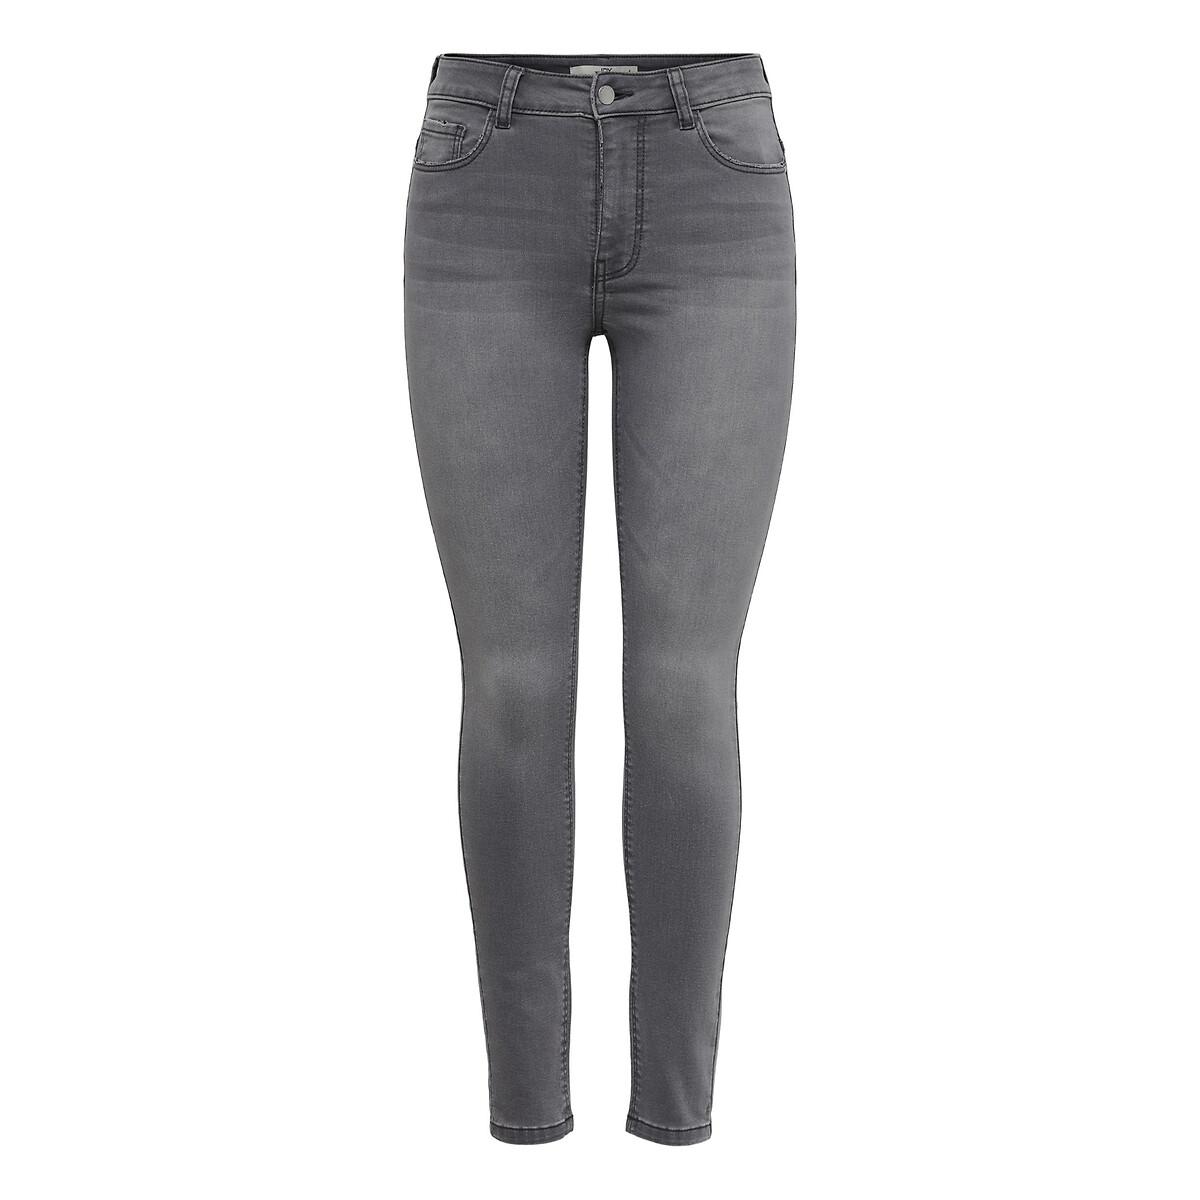 Фото - Джинсы LaRedoute Скинни L/30 серый джинсы laredoute скинни длина 30 s черный